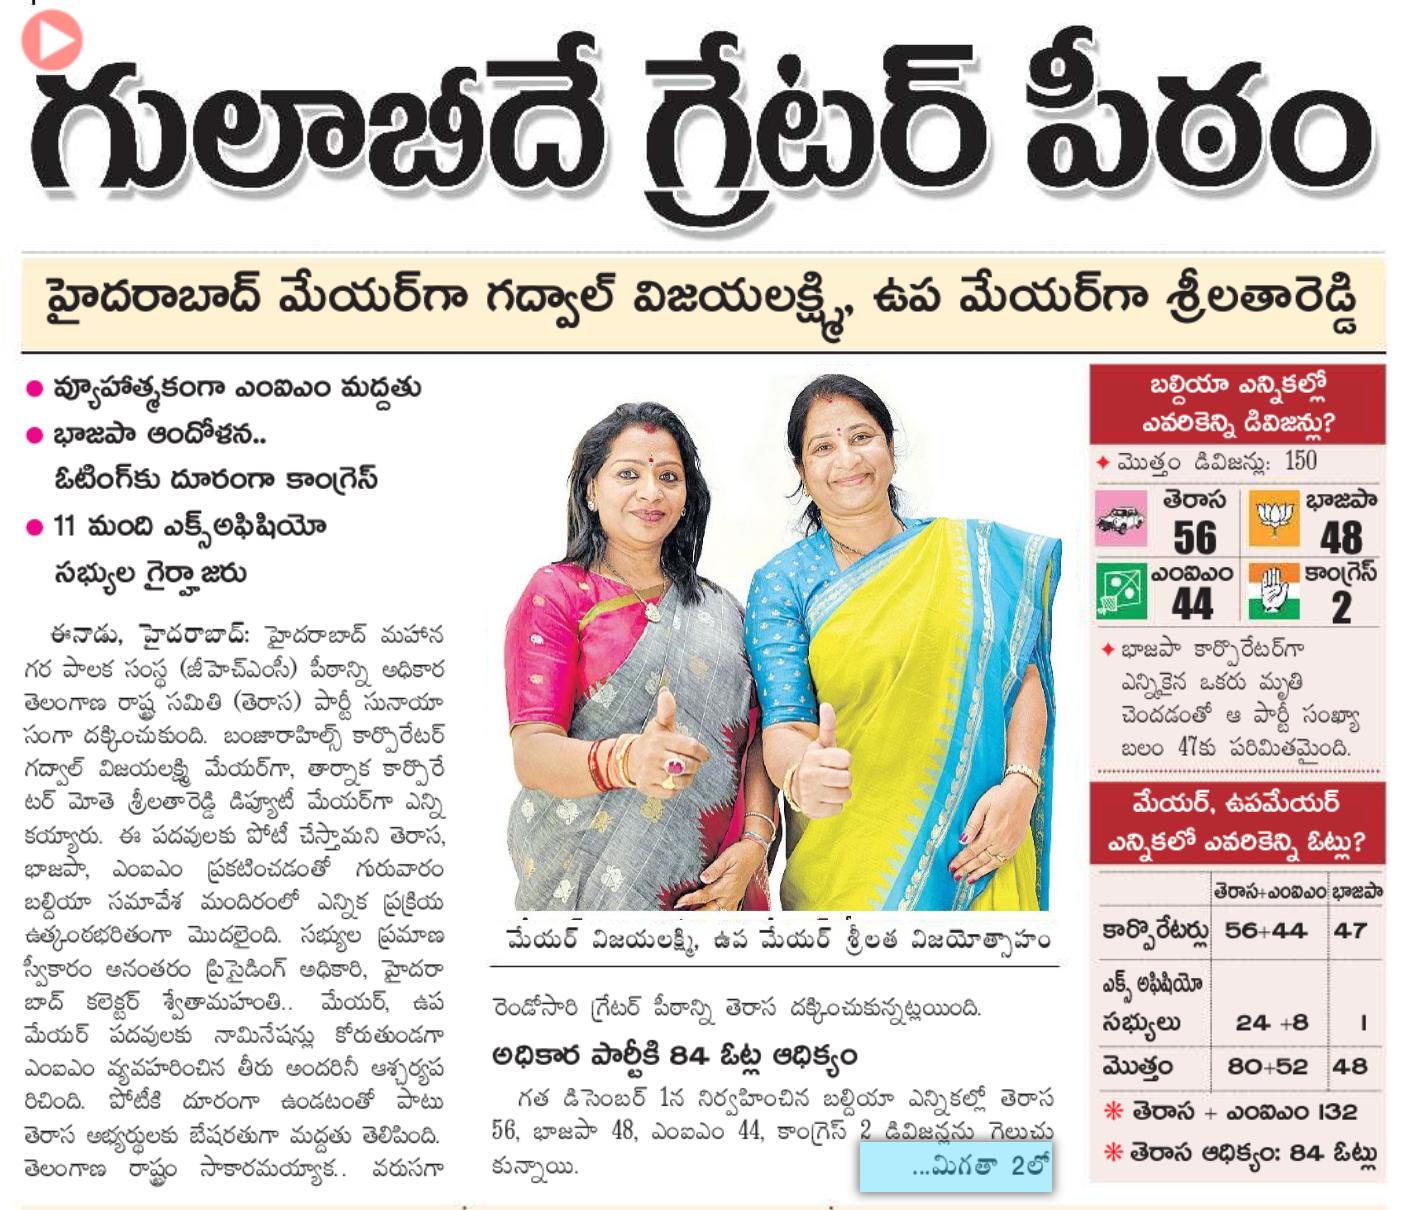 Feb-11-2021: Gadwal Vijaya Laxmi Elected as GHMC Mayor